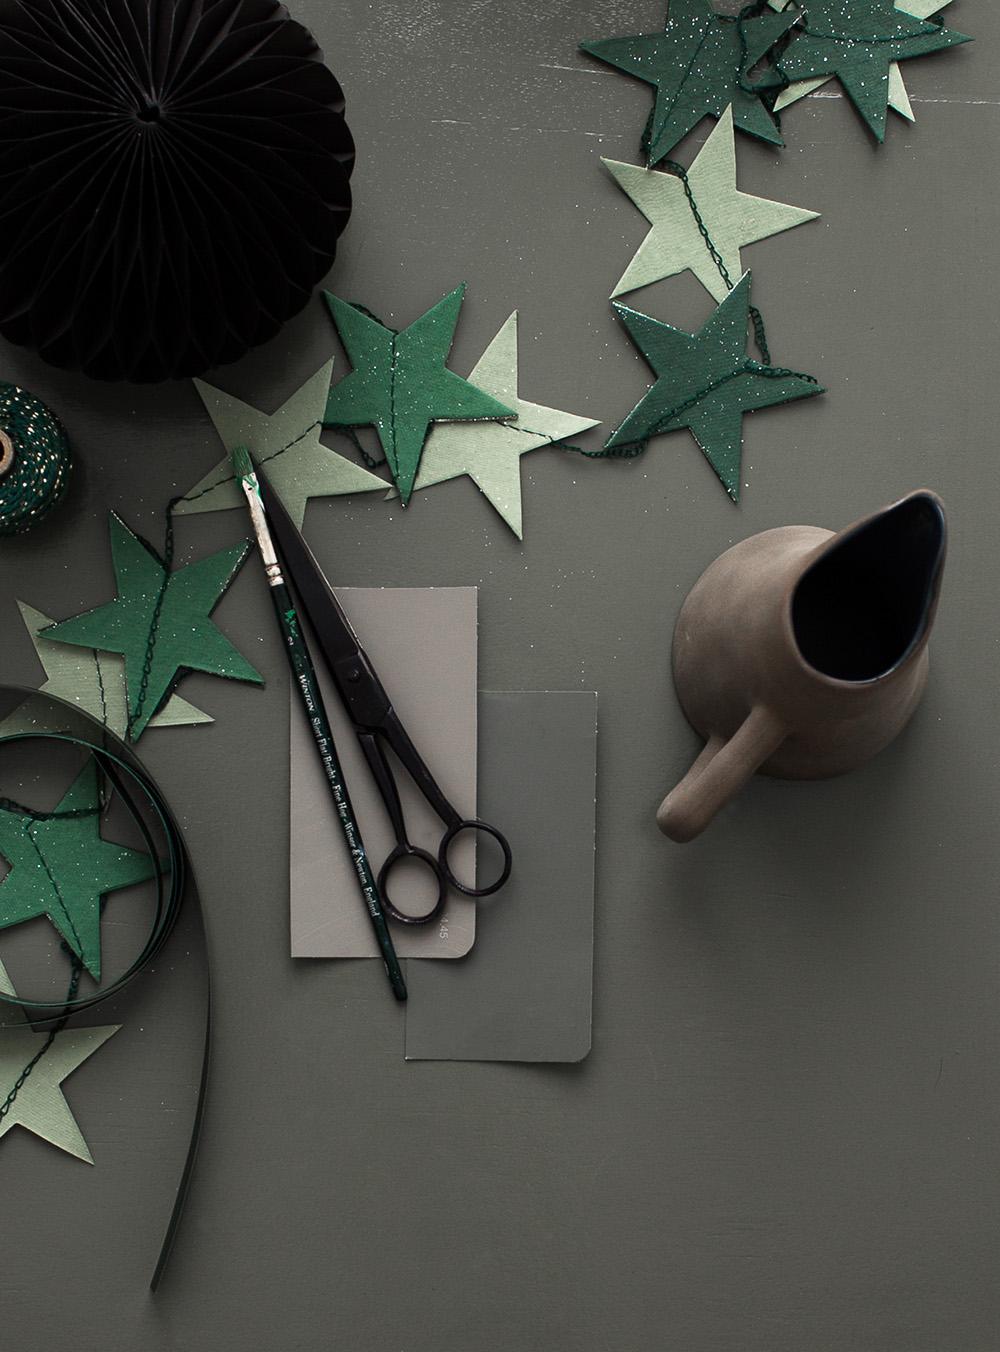 Veckans stilleben - julförberedelser